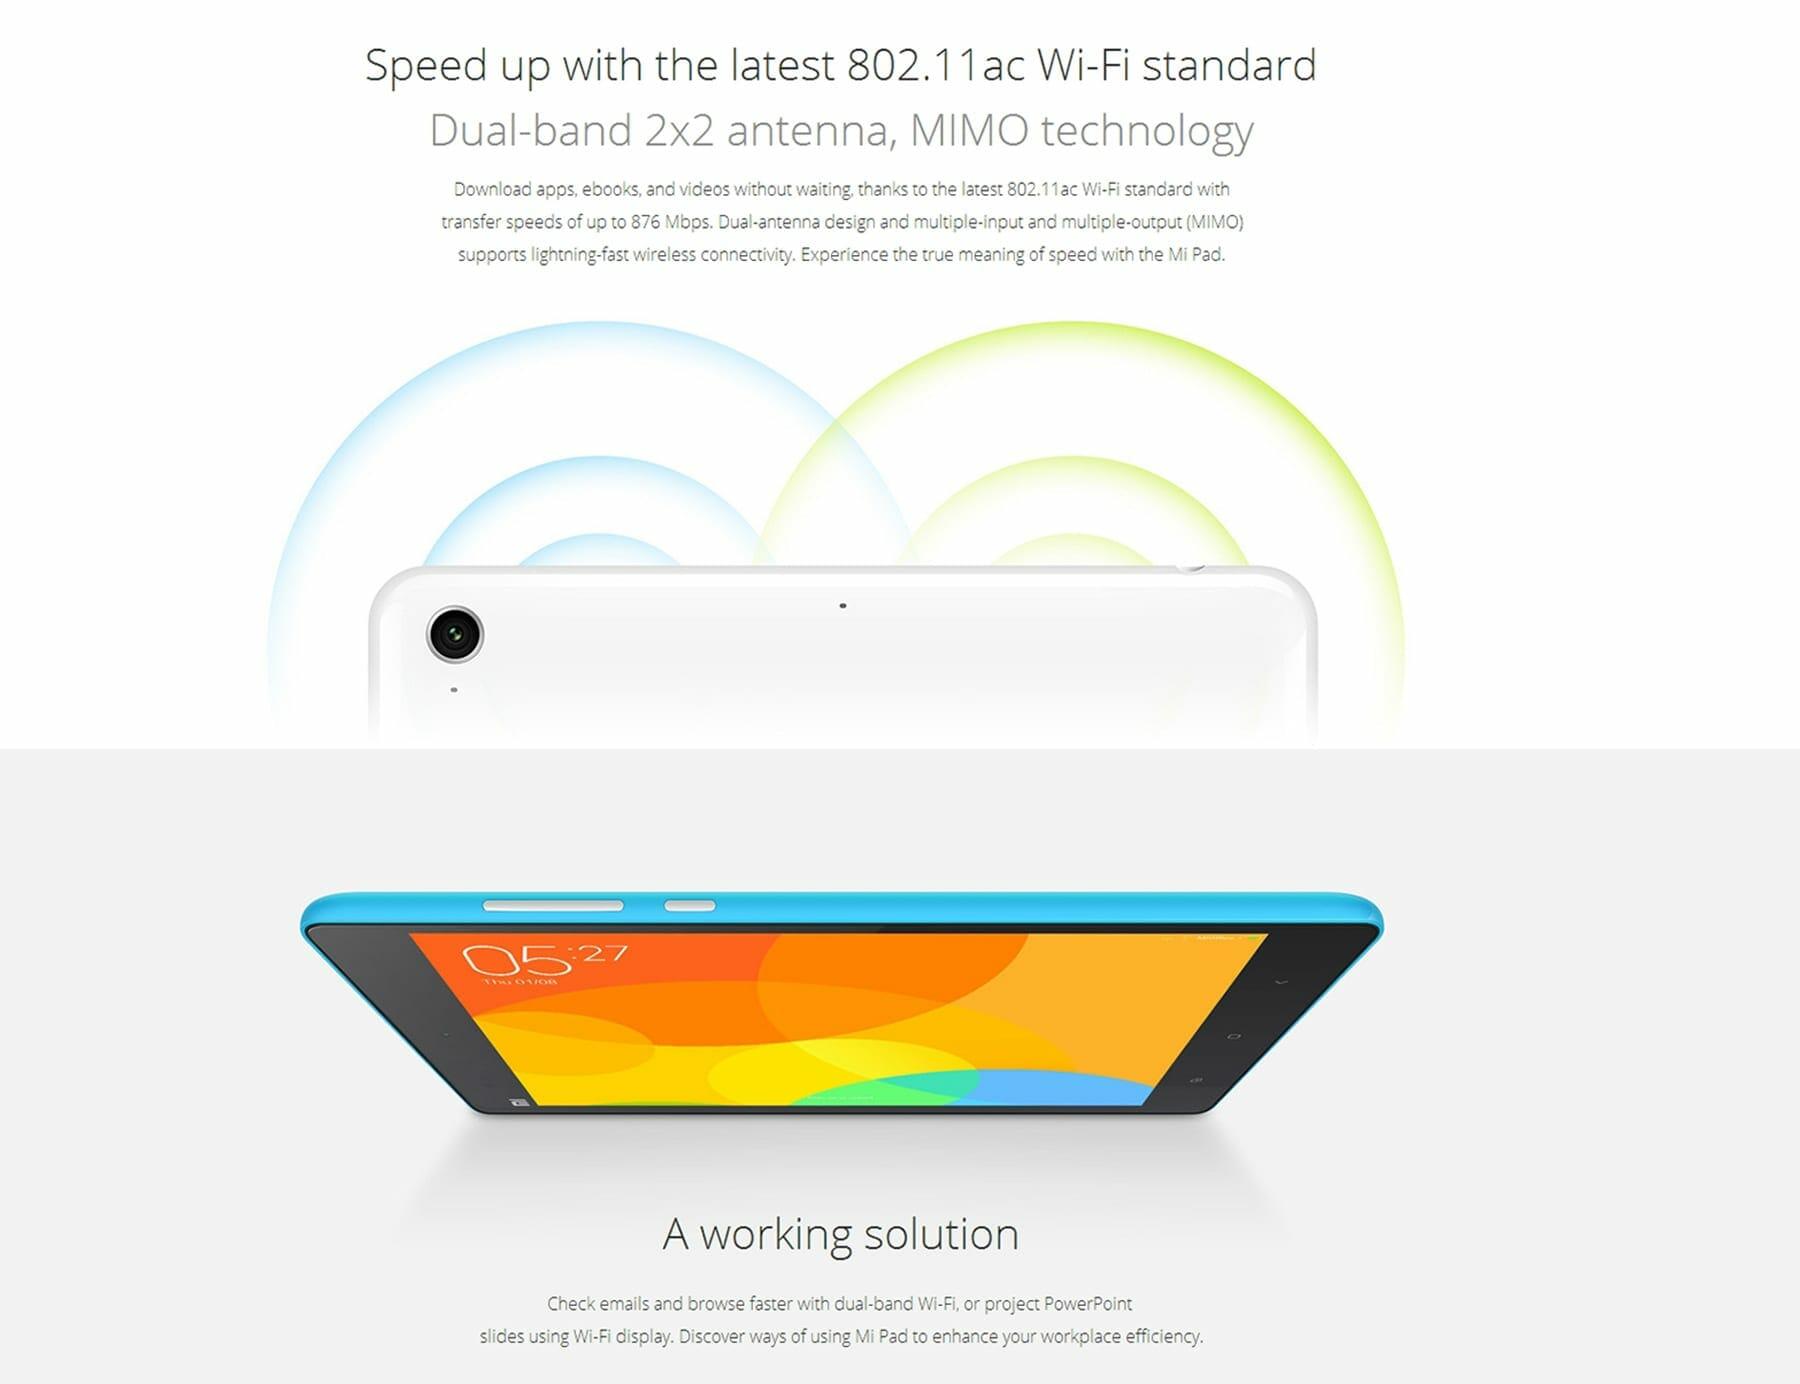 XiaoMi Mi Pad WiFi - XiaoMi Mi Pad 8MP Camera, 2GB Ram and 6700 mAh Battery